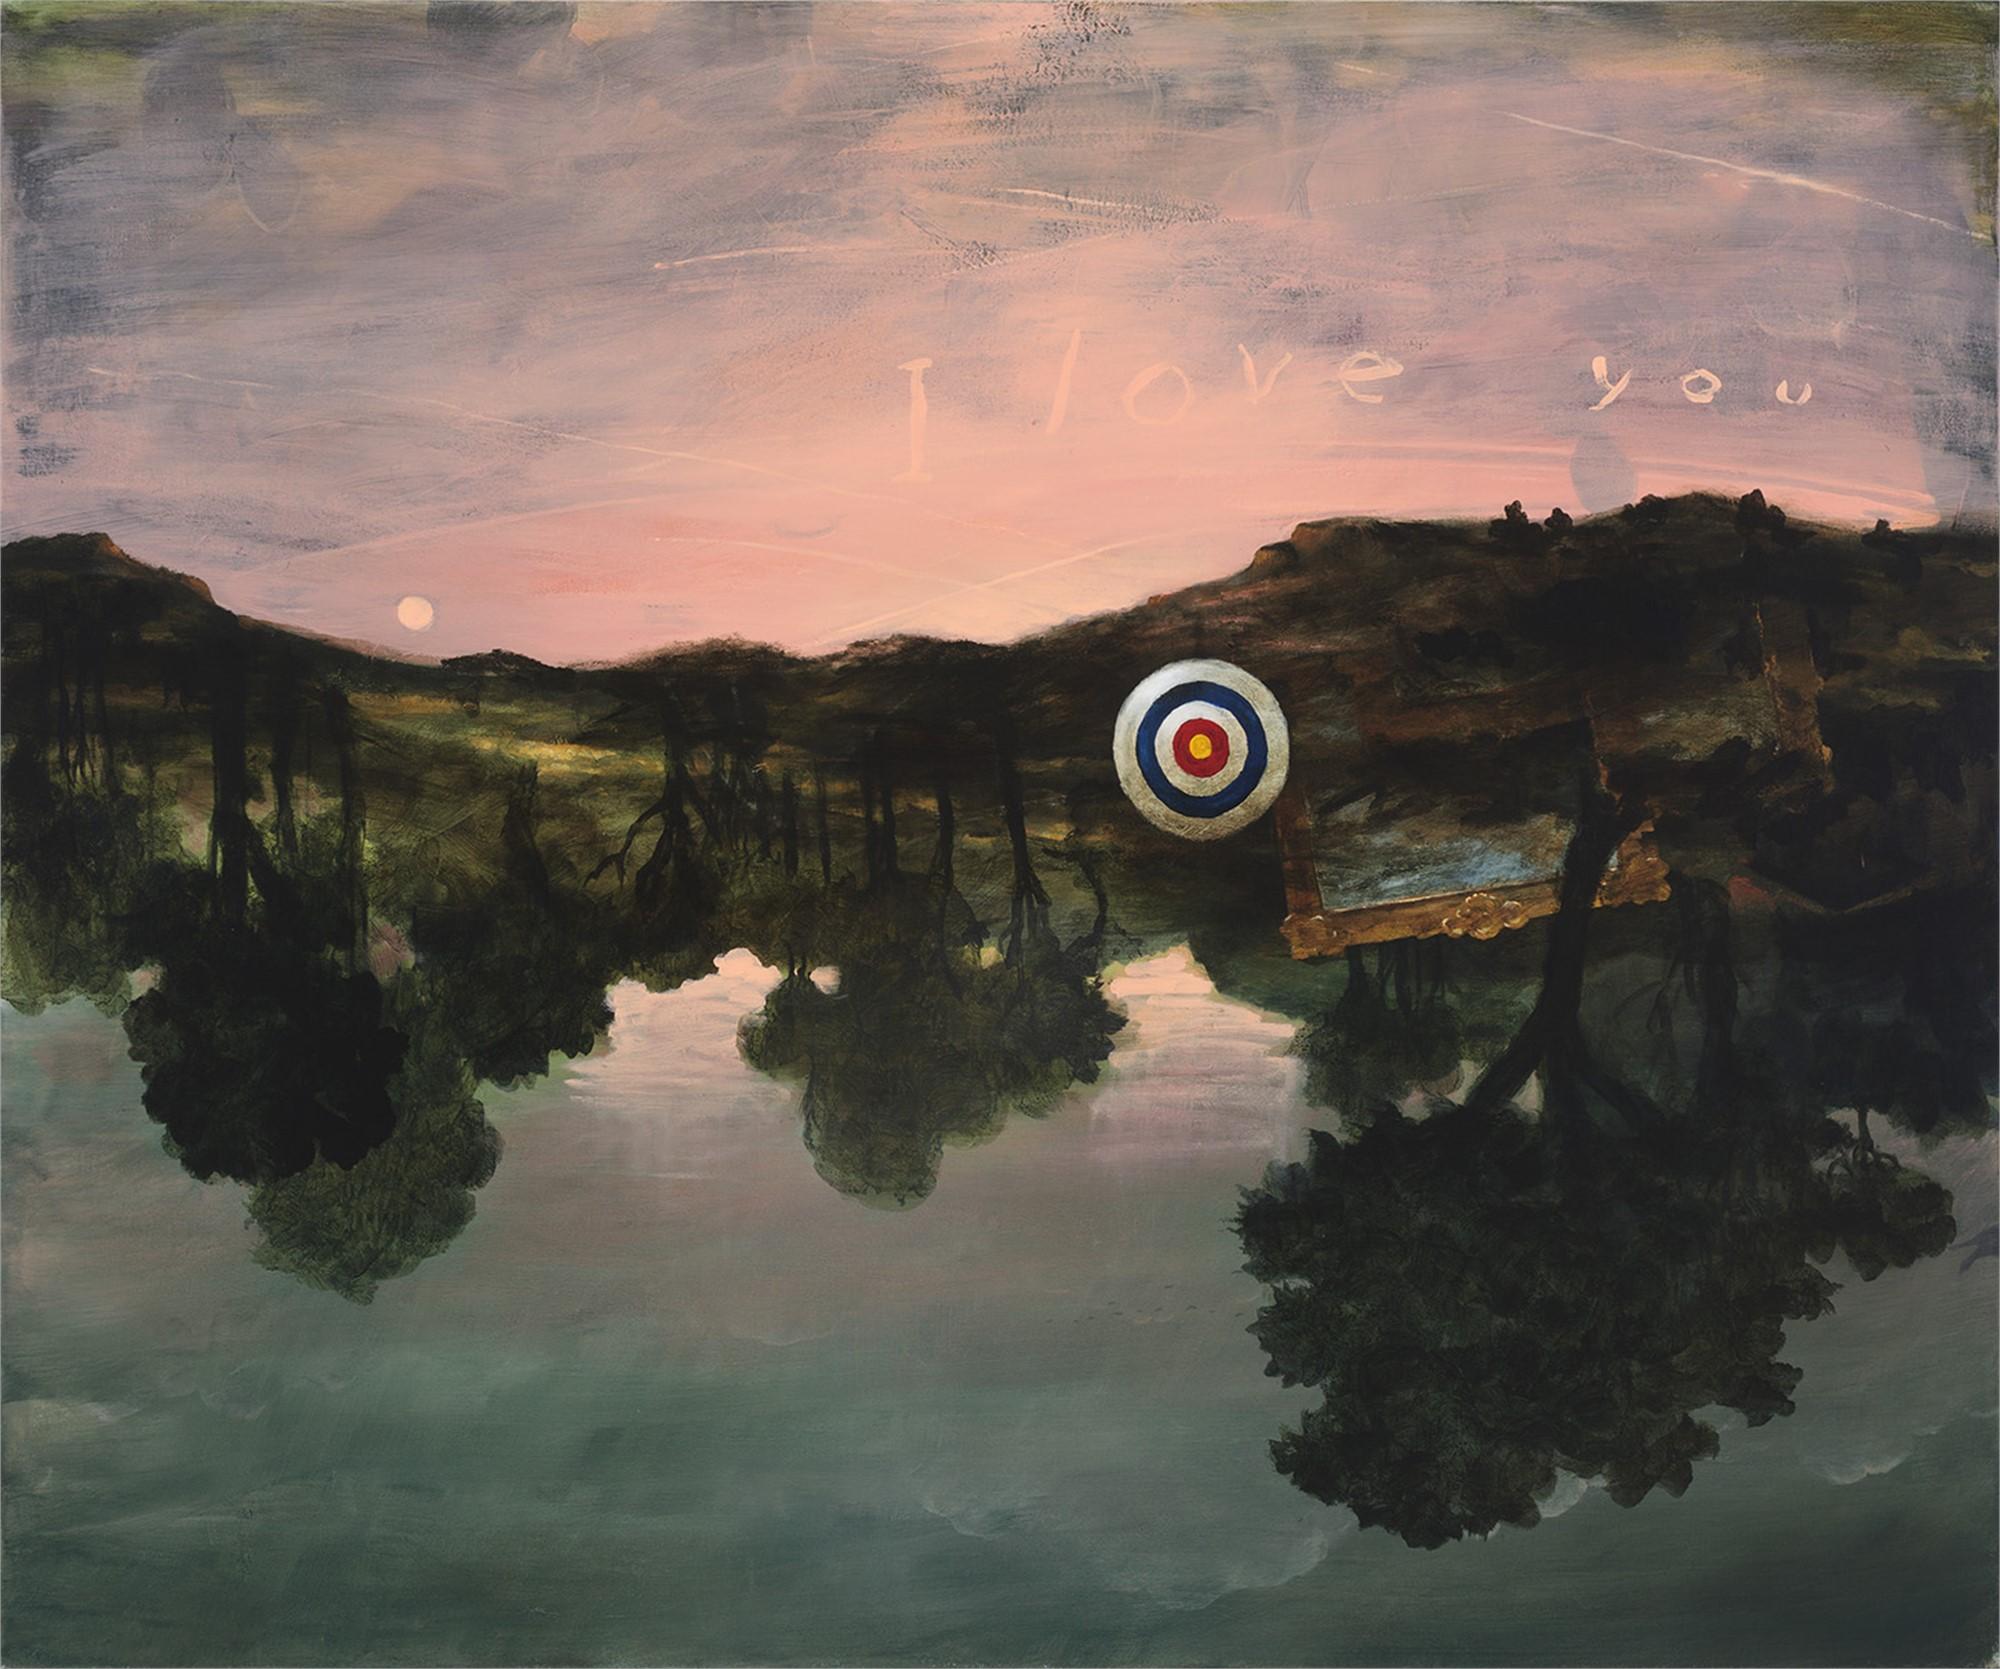 Lamentation by Kevin Sloan